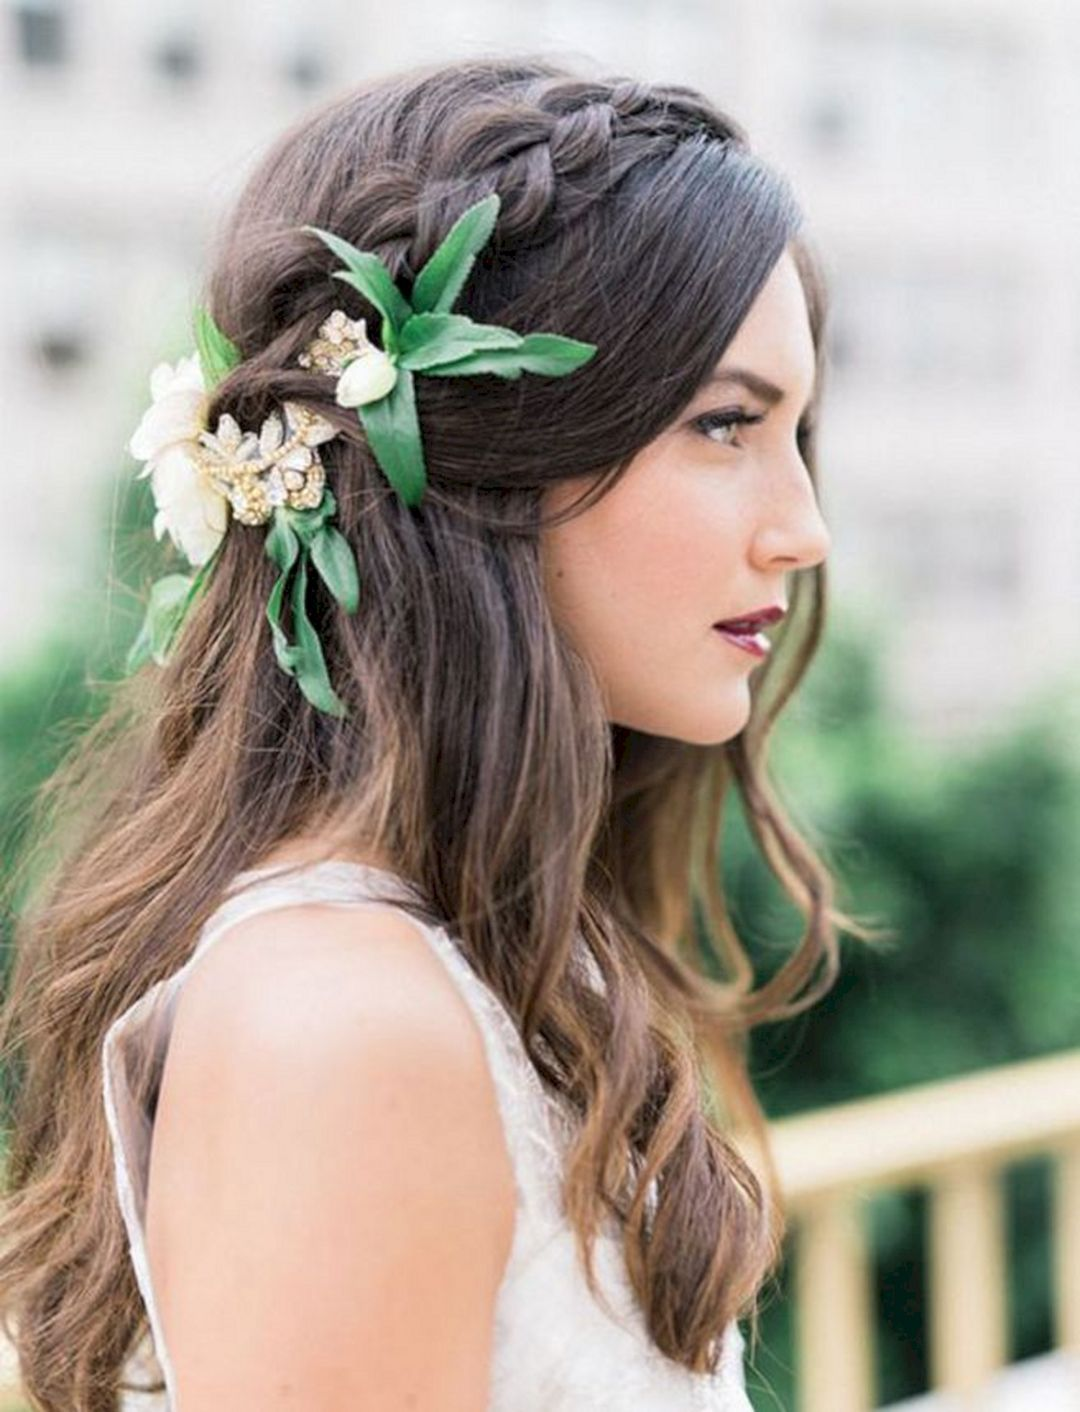 Stunning half up half down wedding hairstyles ideas no wday